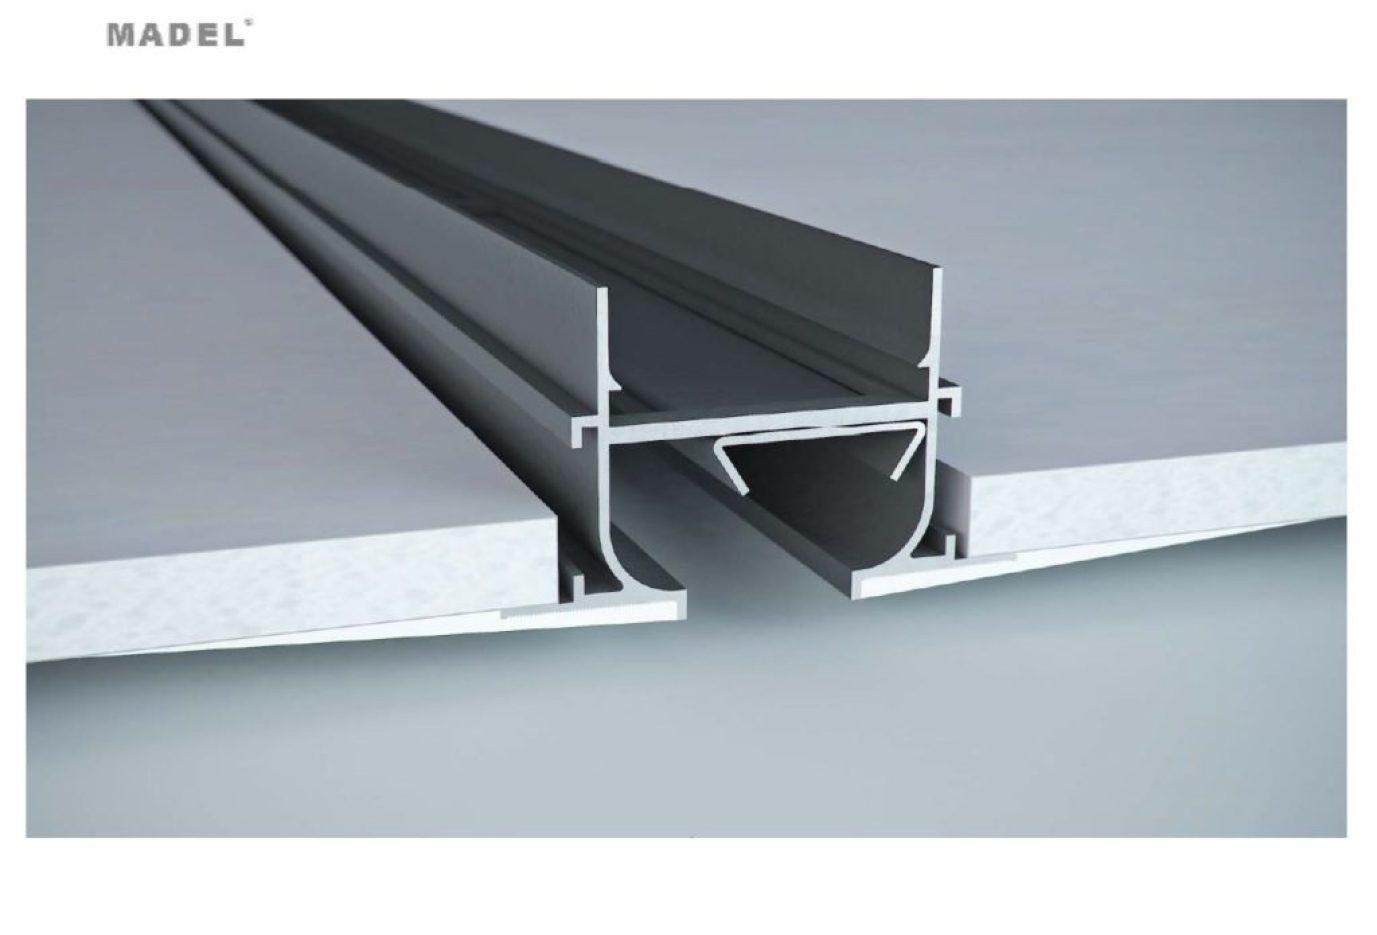 Diffusori Lineari Aria Condizionata diffusori lineari scomparsa look